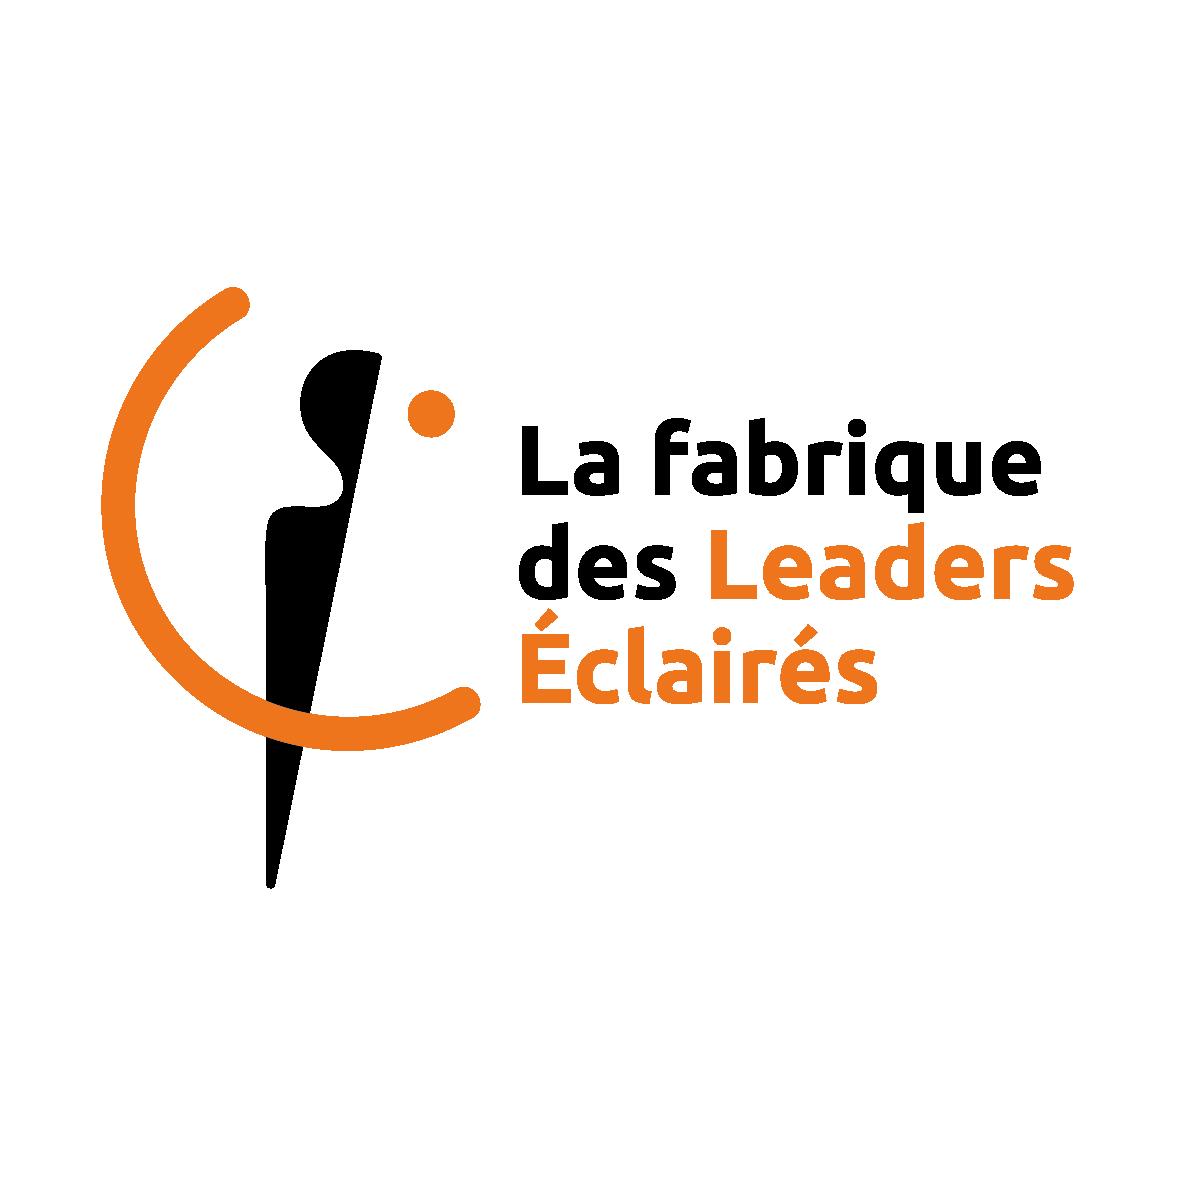 logo la fabrique des leaders eclaires